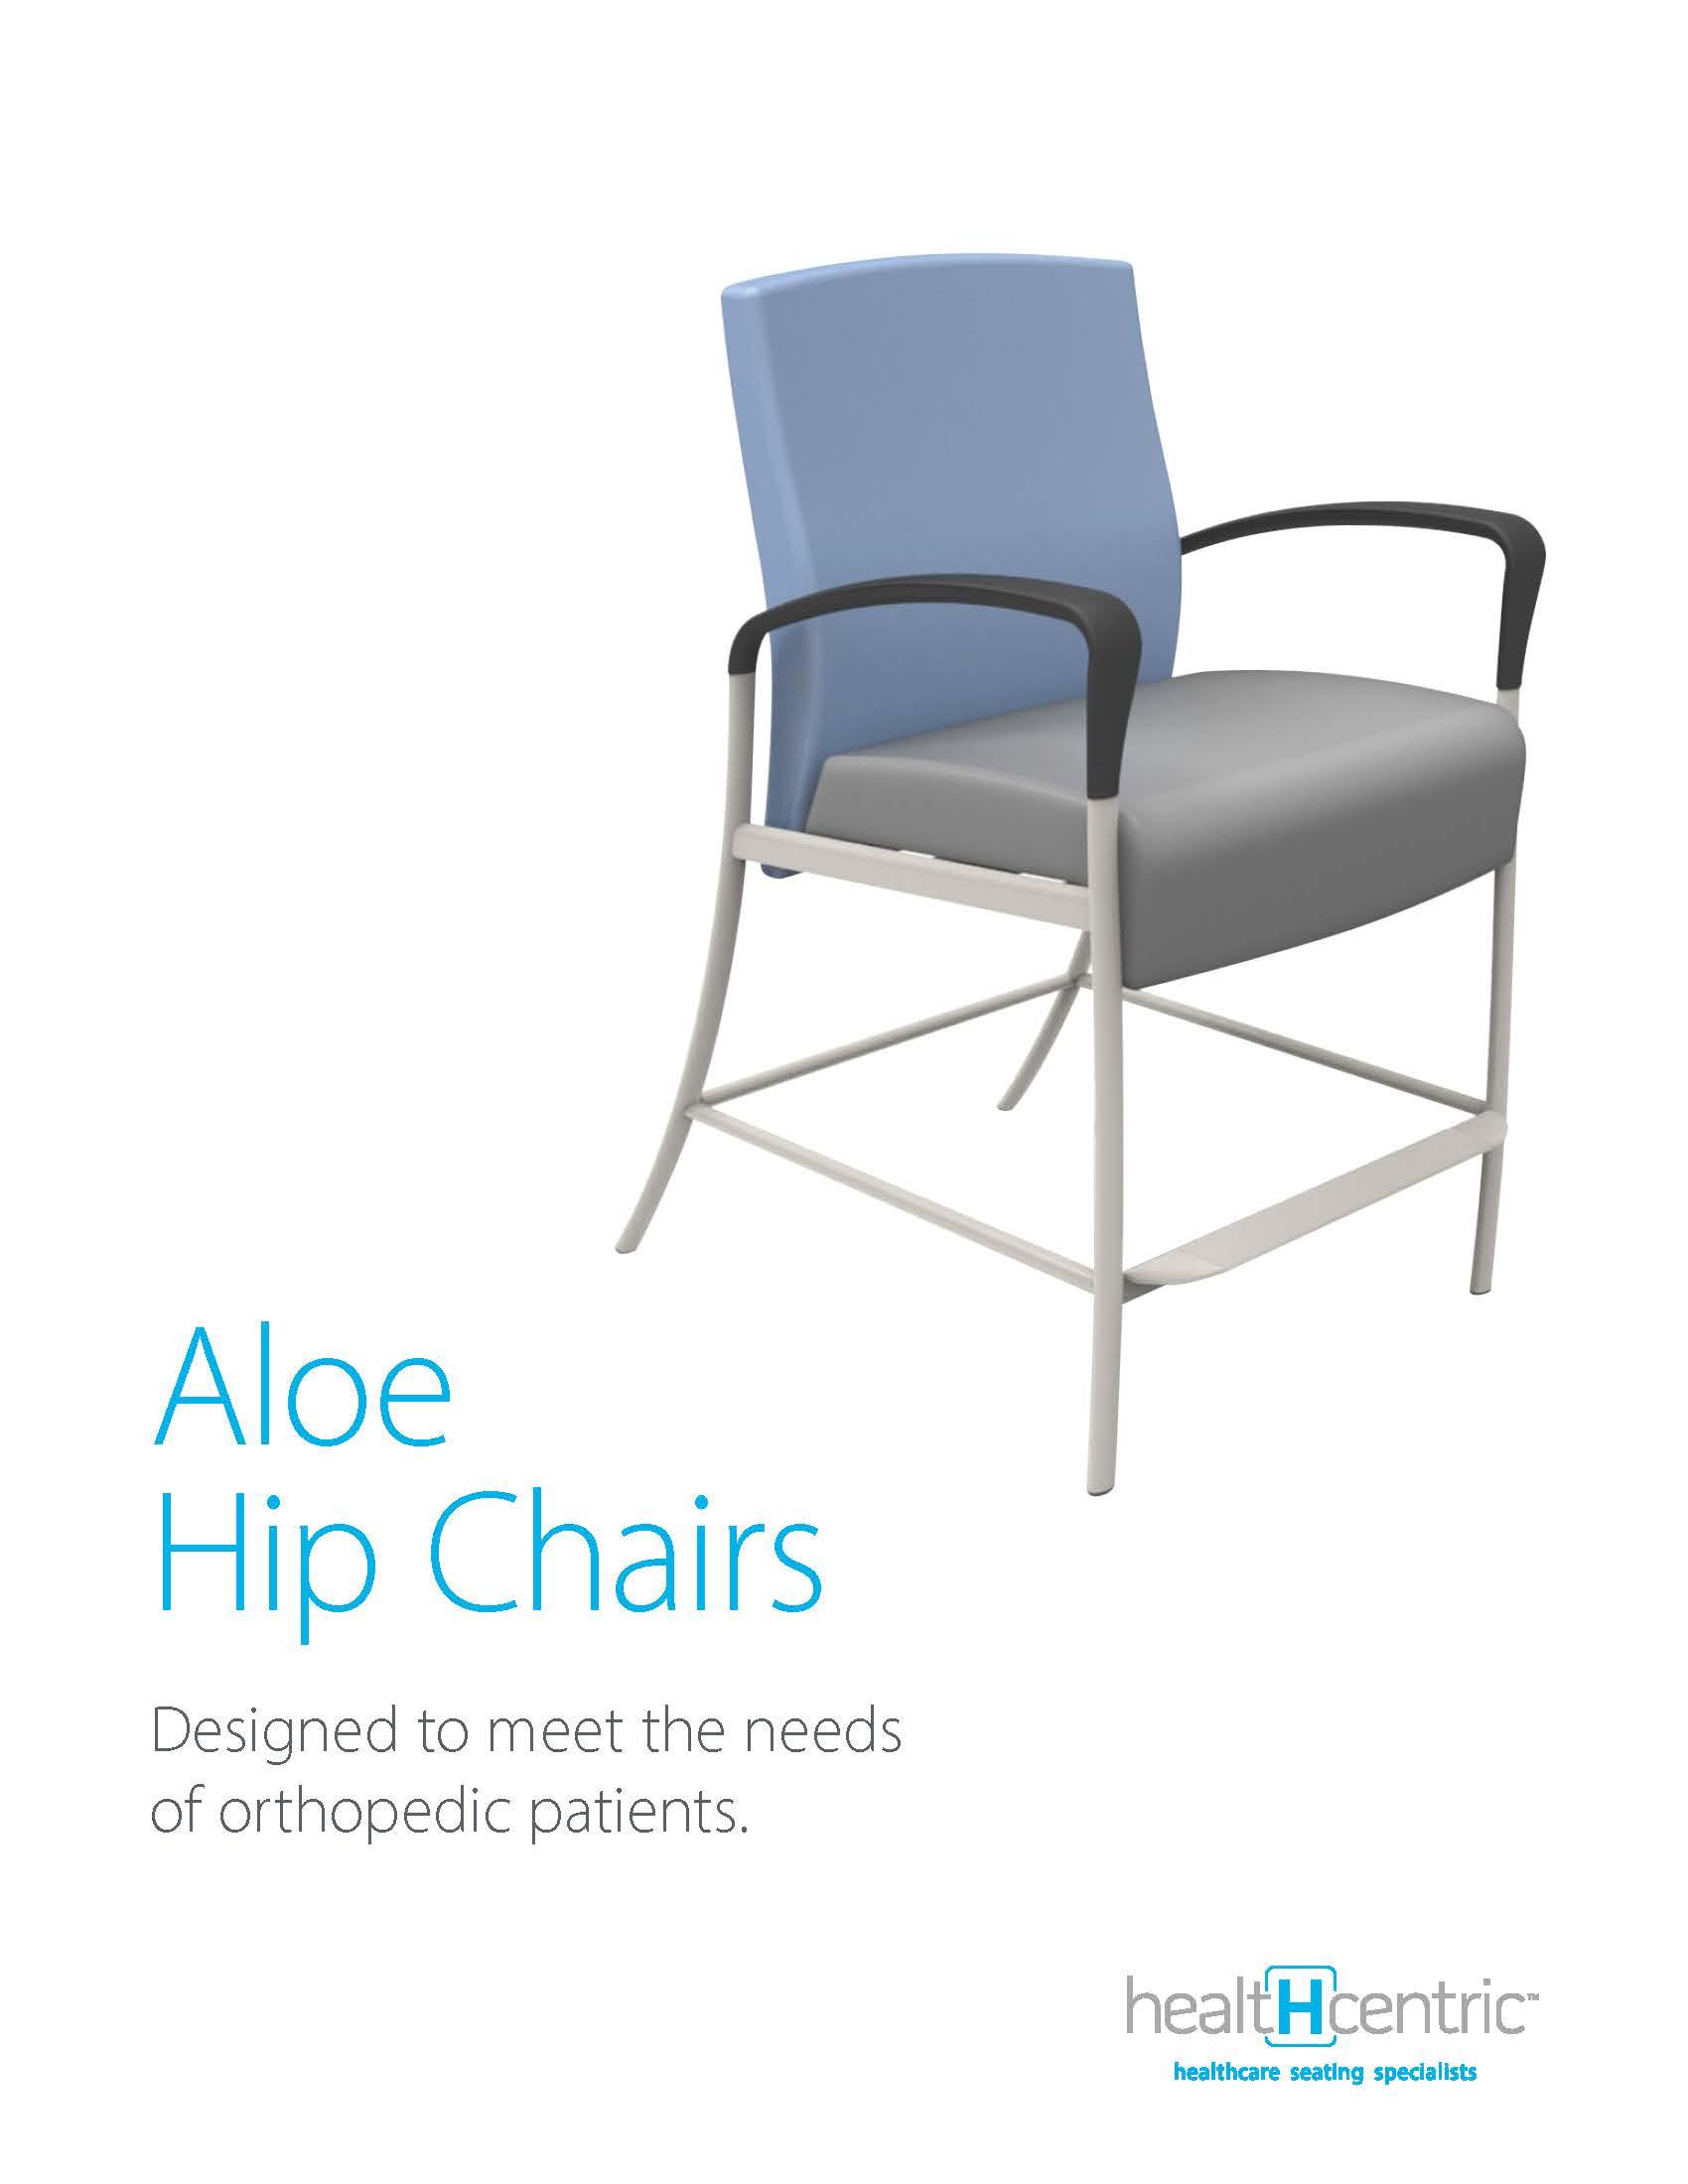 Aloe Hip Chairs